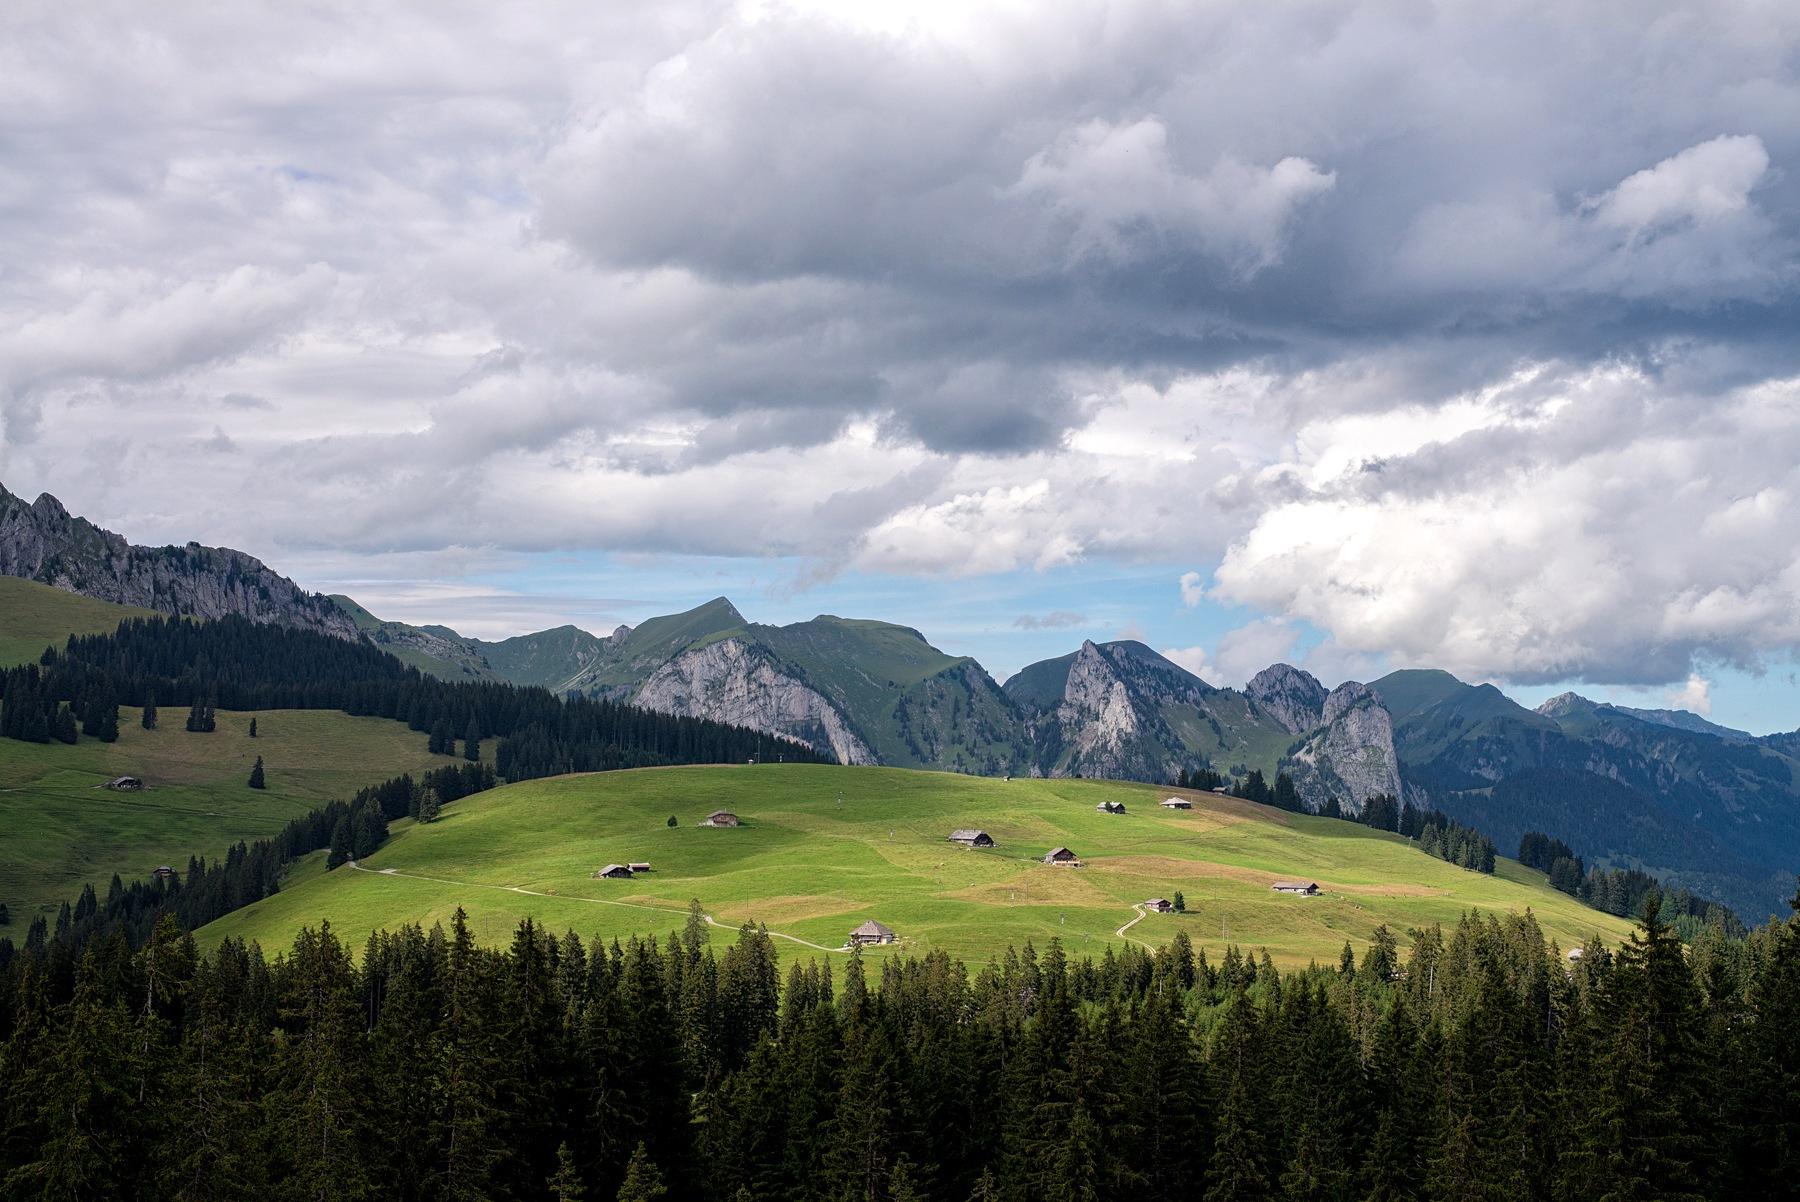 Uncanny valley. by Krystian Kaczka